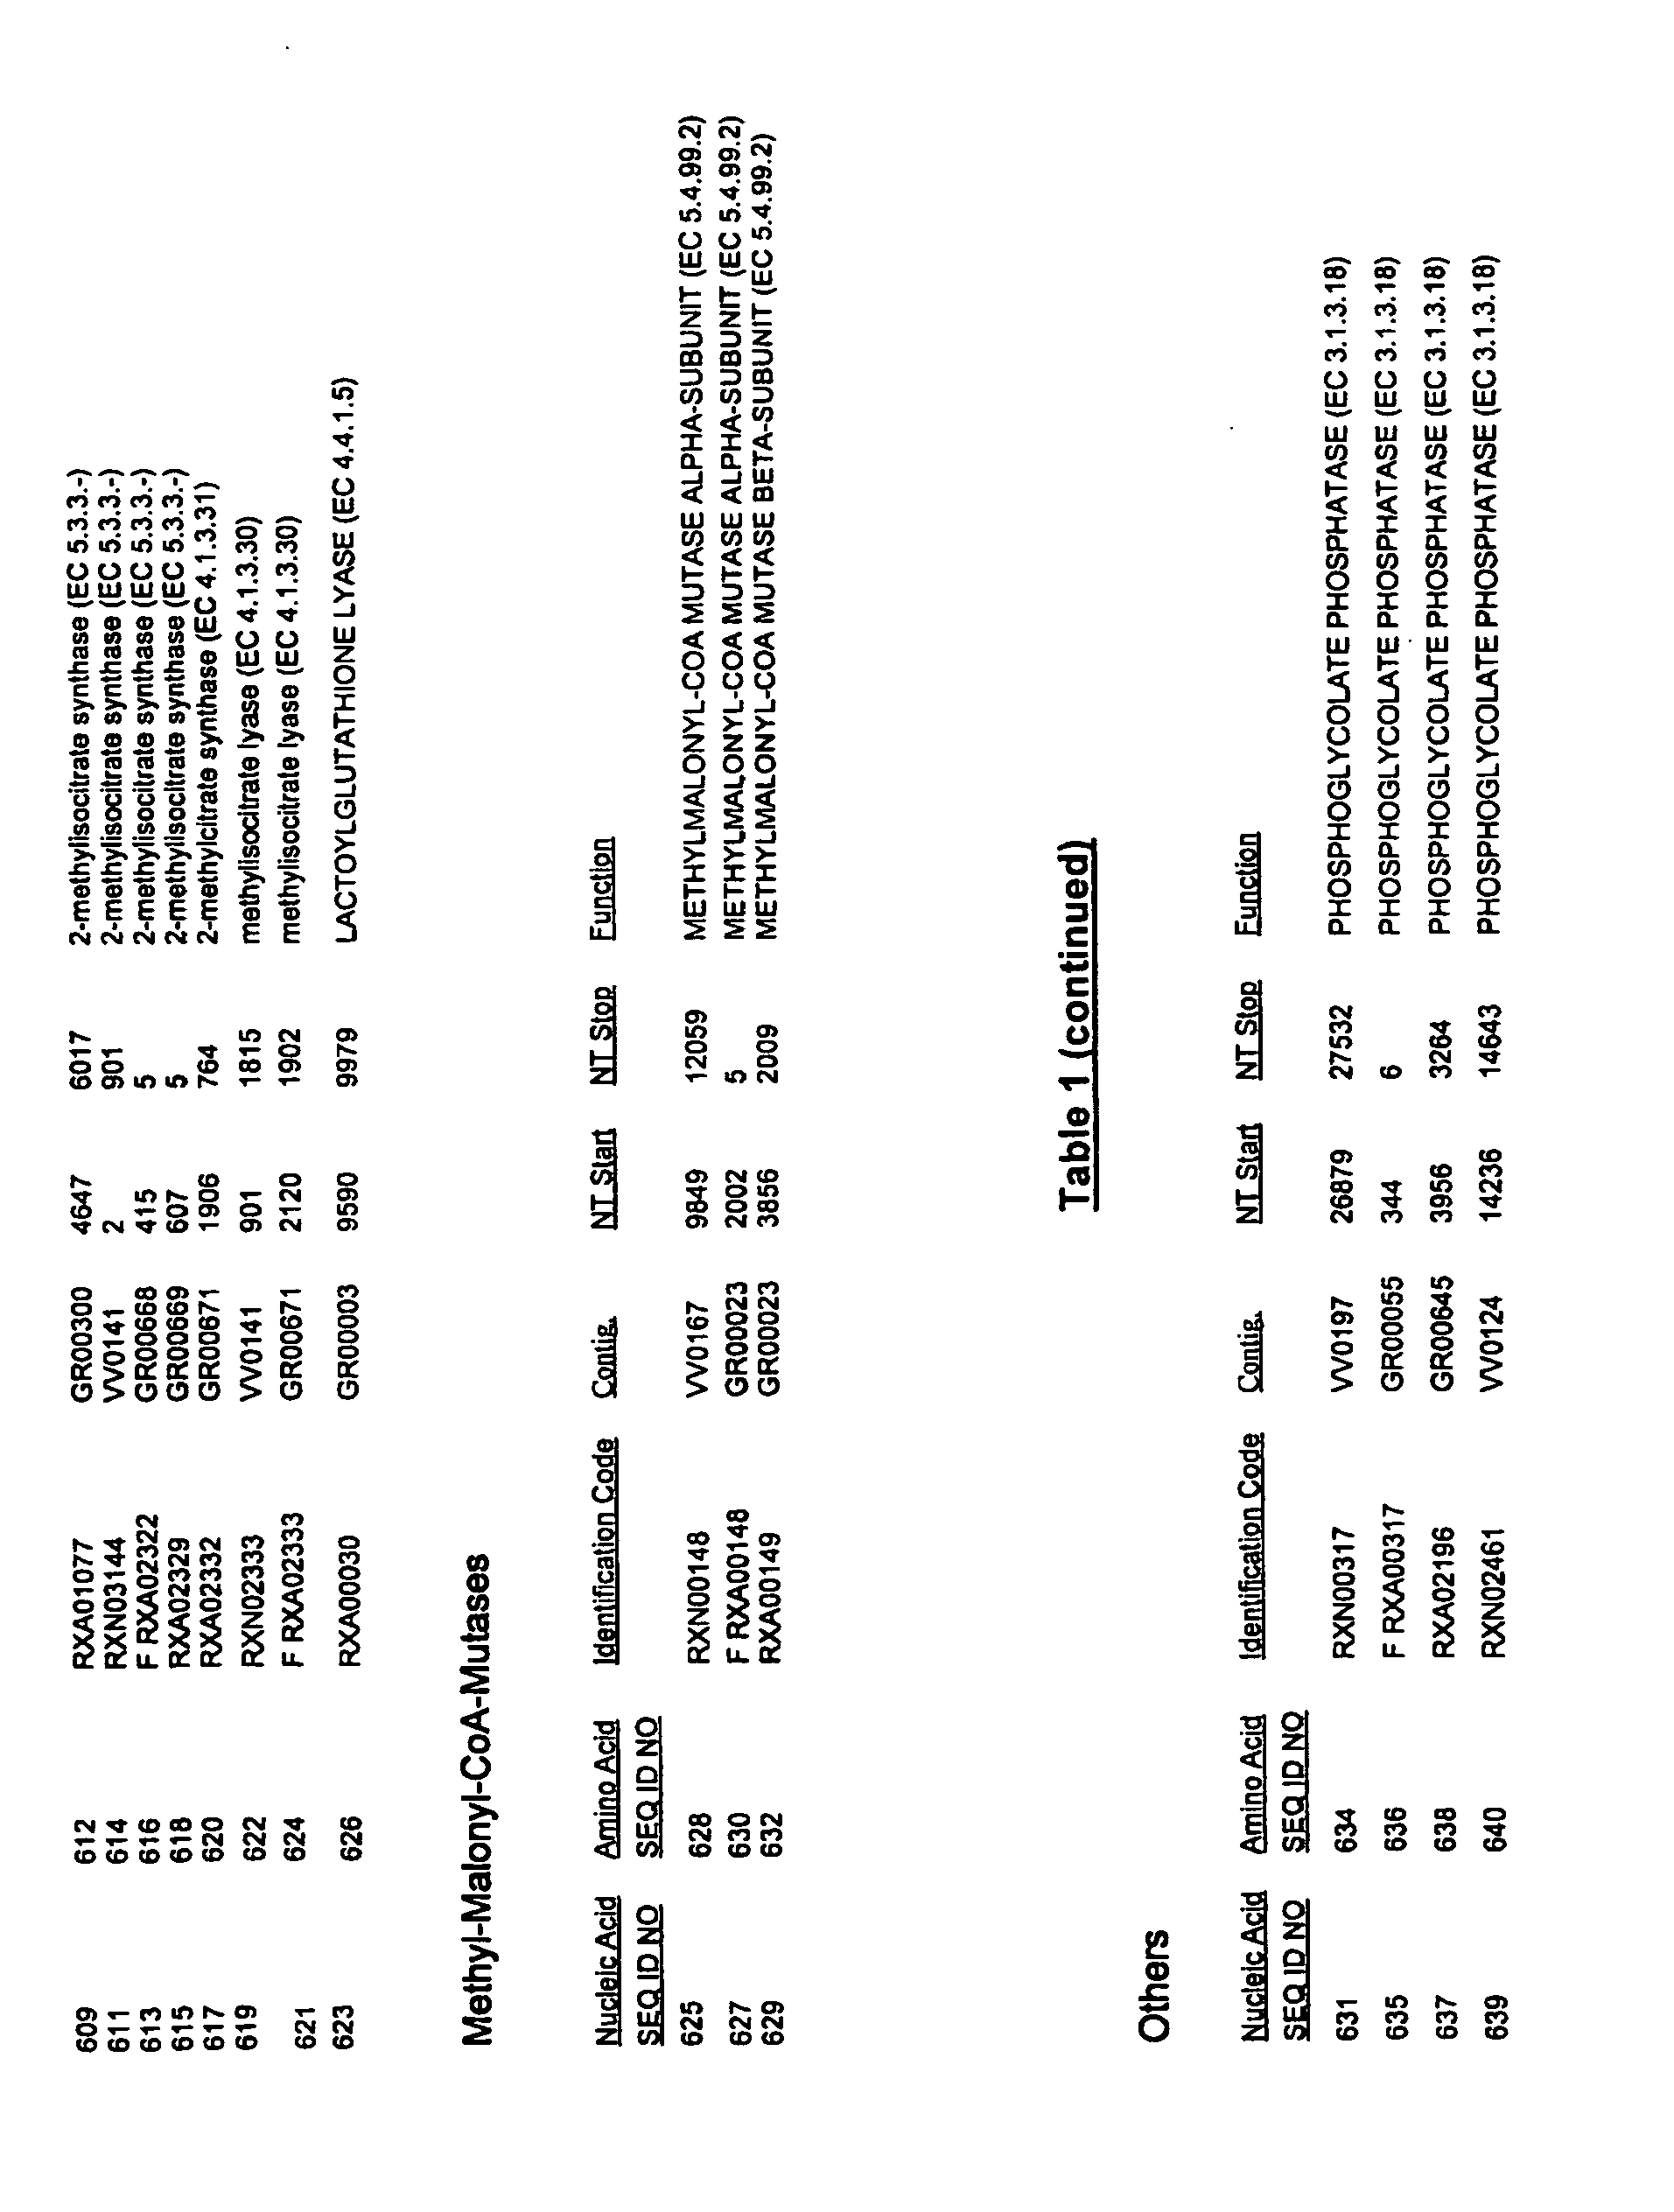 EP2292763A1 - Corynebacterium glutamicum genes encoding proteins